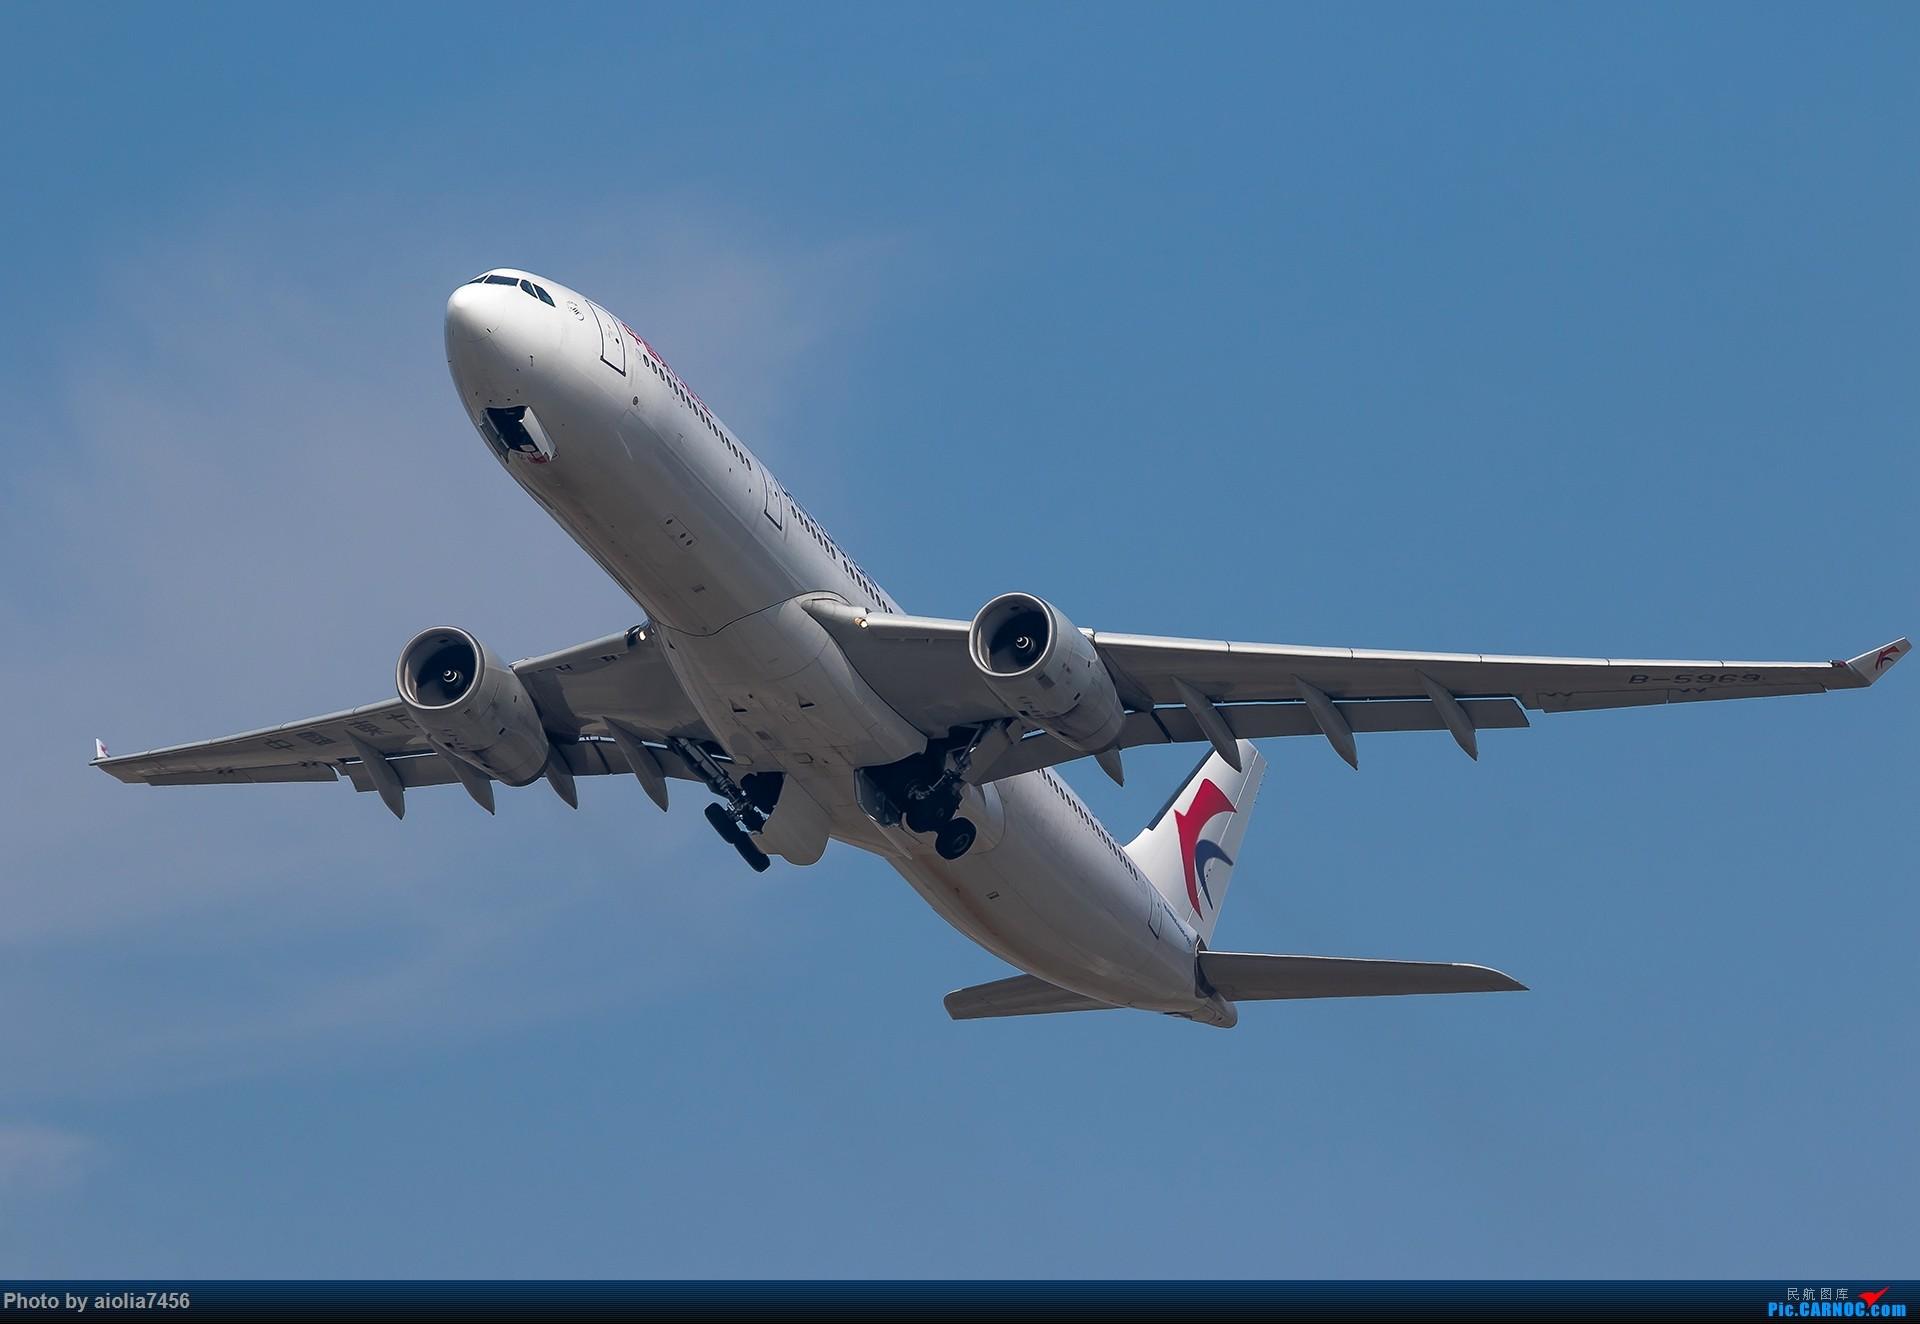 Re:[原创][霸都打机队]摸摸怀中的7D2,好宝宝,跟了新的主人你要乖乖听话哦,离开我之前,我带你逛一圈ZSSS,最后一次陪我看看那些我们不怎么看得到的宽体吧。 AIRBUS A330-300 B-5969 中国上海虹桥国际机场